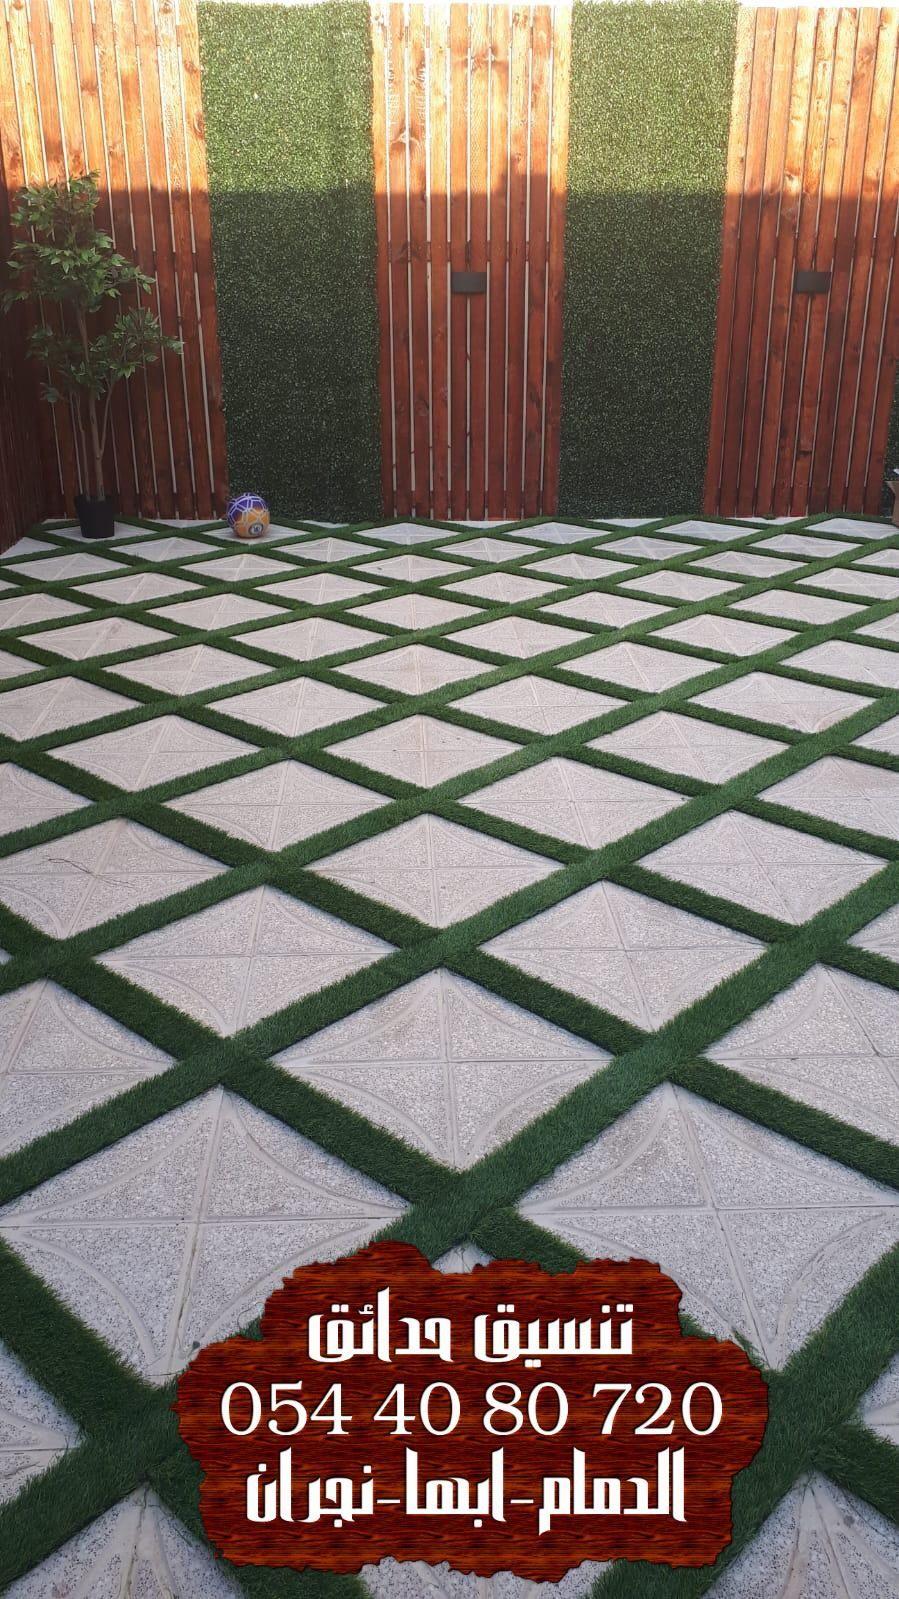 افكار بسيطة لتزيين الحديقة افكار تصاميم حدائق منزلية افكار تصميم حديقة منزلية افكار تنسيق حدائق Backyard Design Backyard Home N Decor